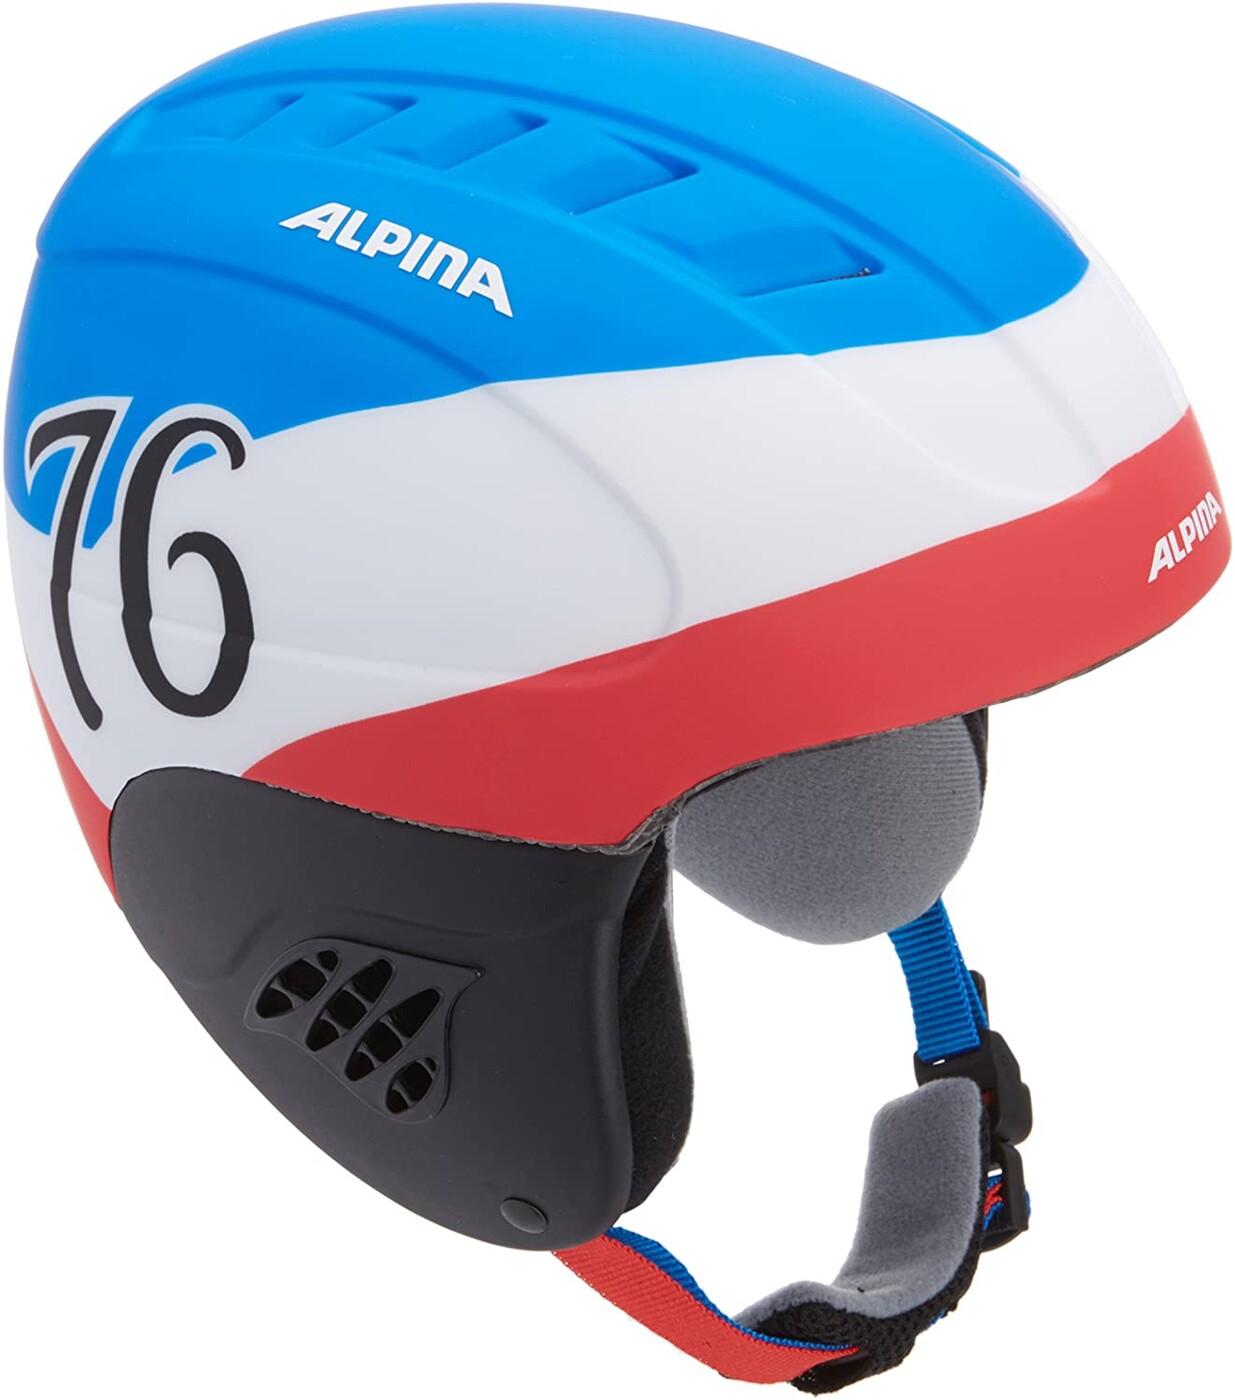 ALPINA Carat LE blau Race m. 54-58